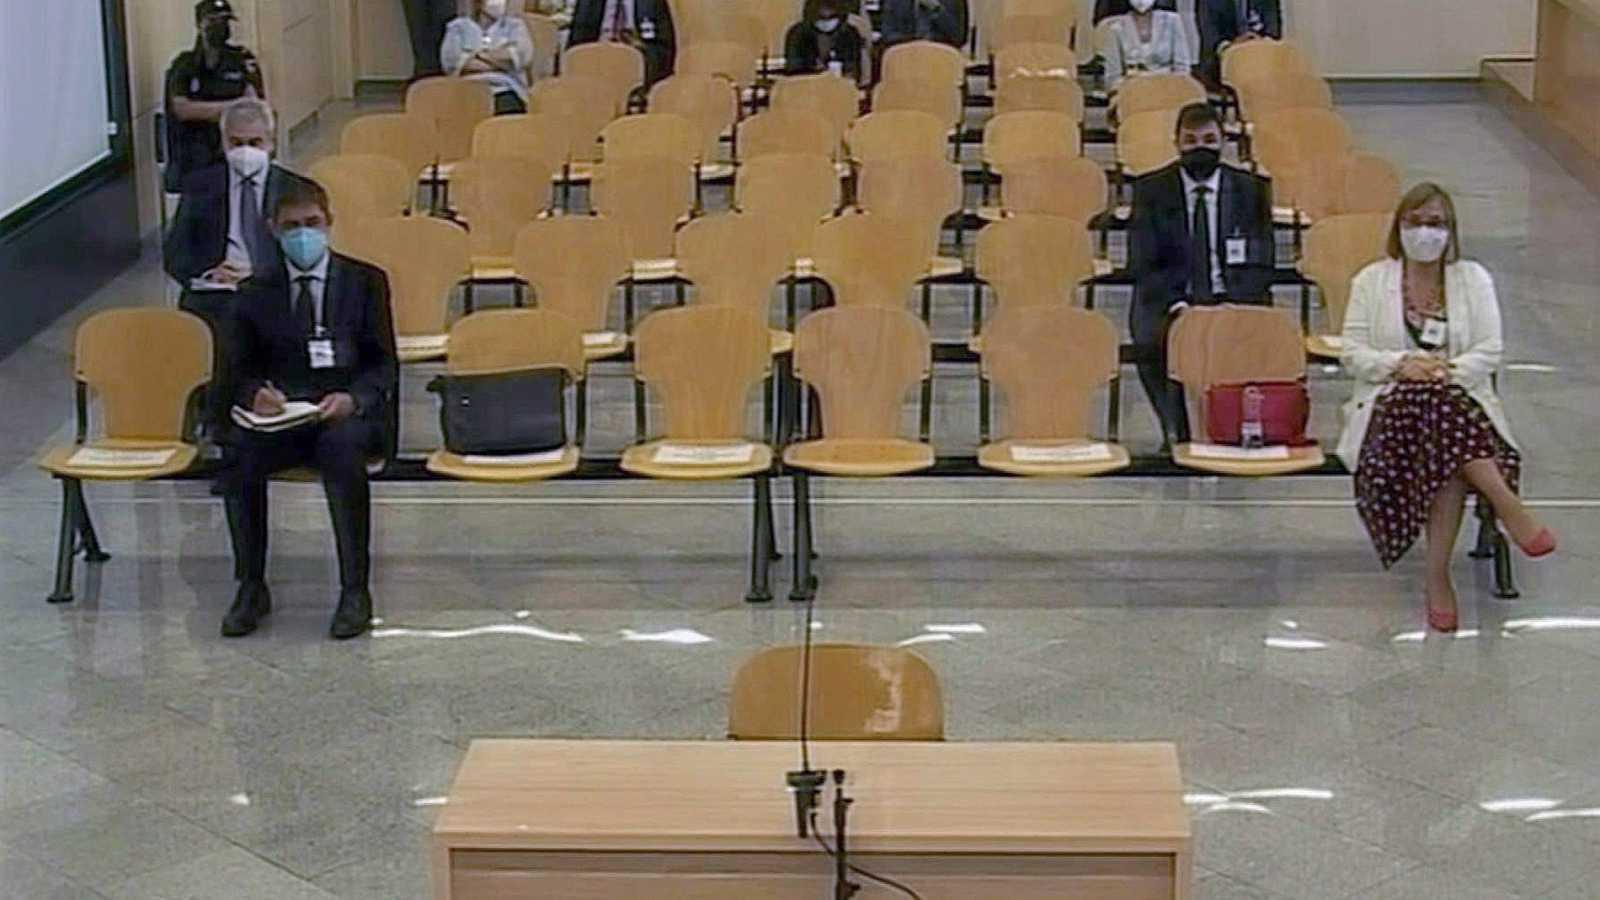 """La abogada de Trapero asegura que el 1-O fue un """"fracaso"""" policial y político y se quiere culpar de ello a los Mossos"""